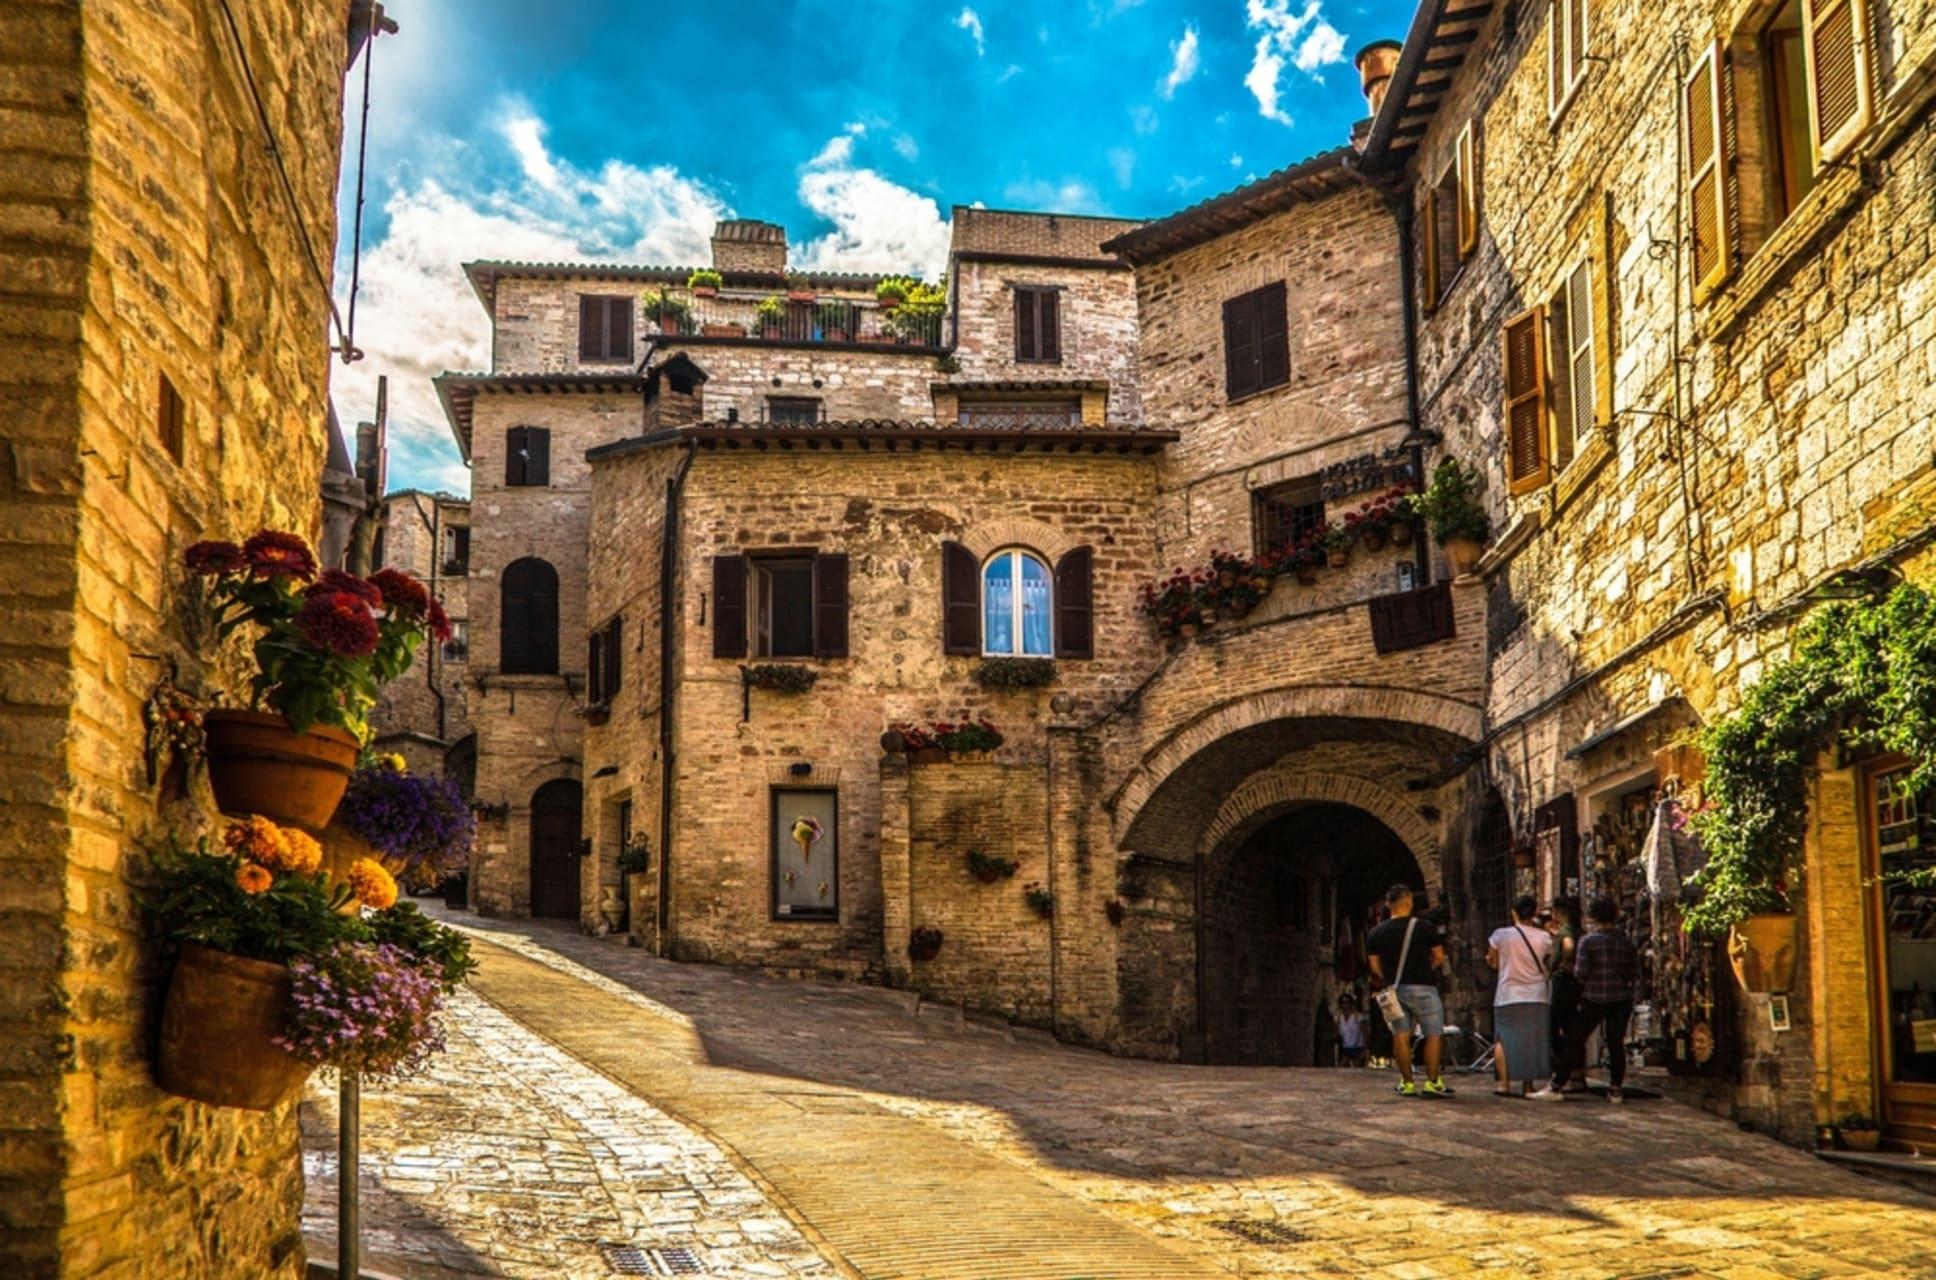 Assisi - Assisi 1- Saints, Pilgrims and a Roman Temple